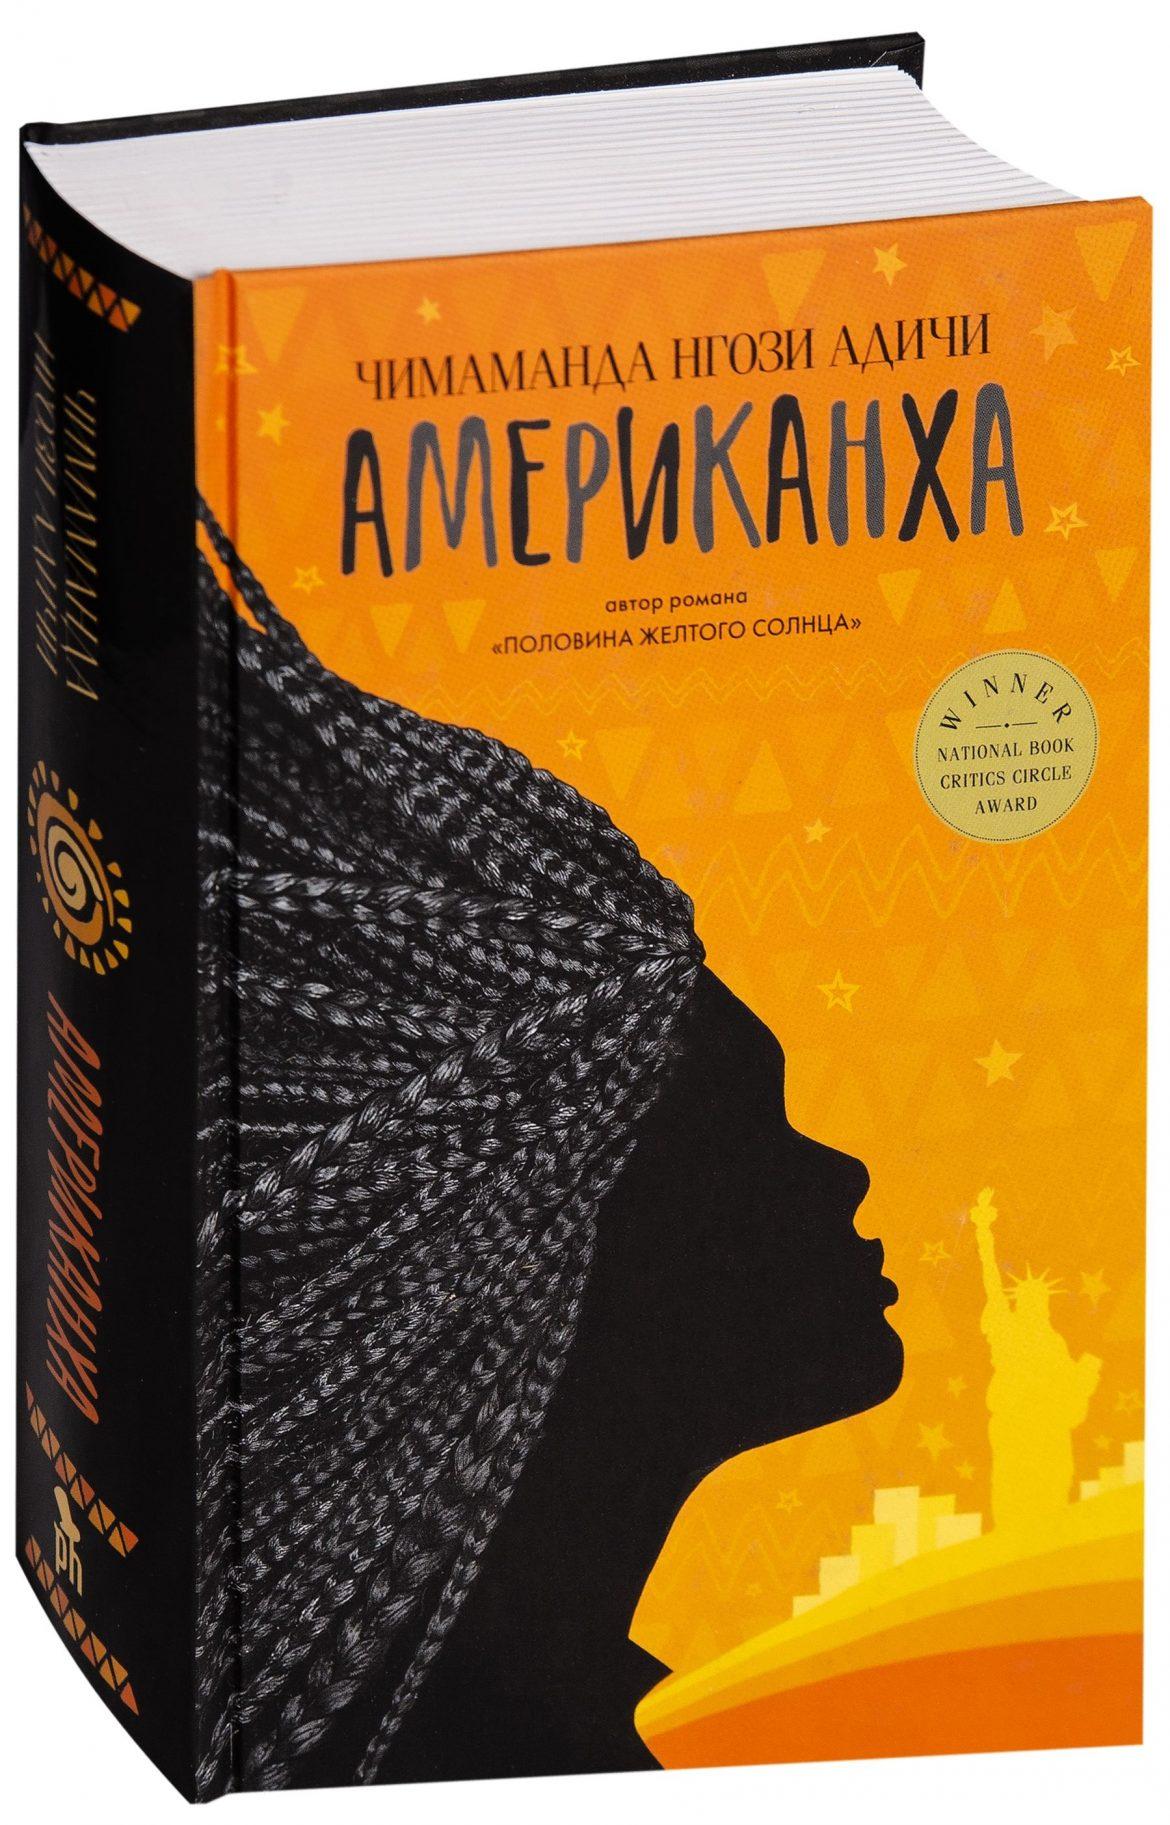 Американха — Чимаманда Нгози Адичи